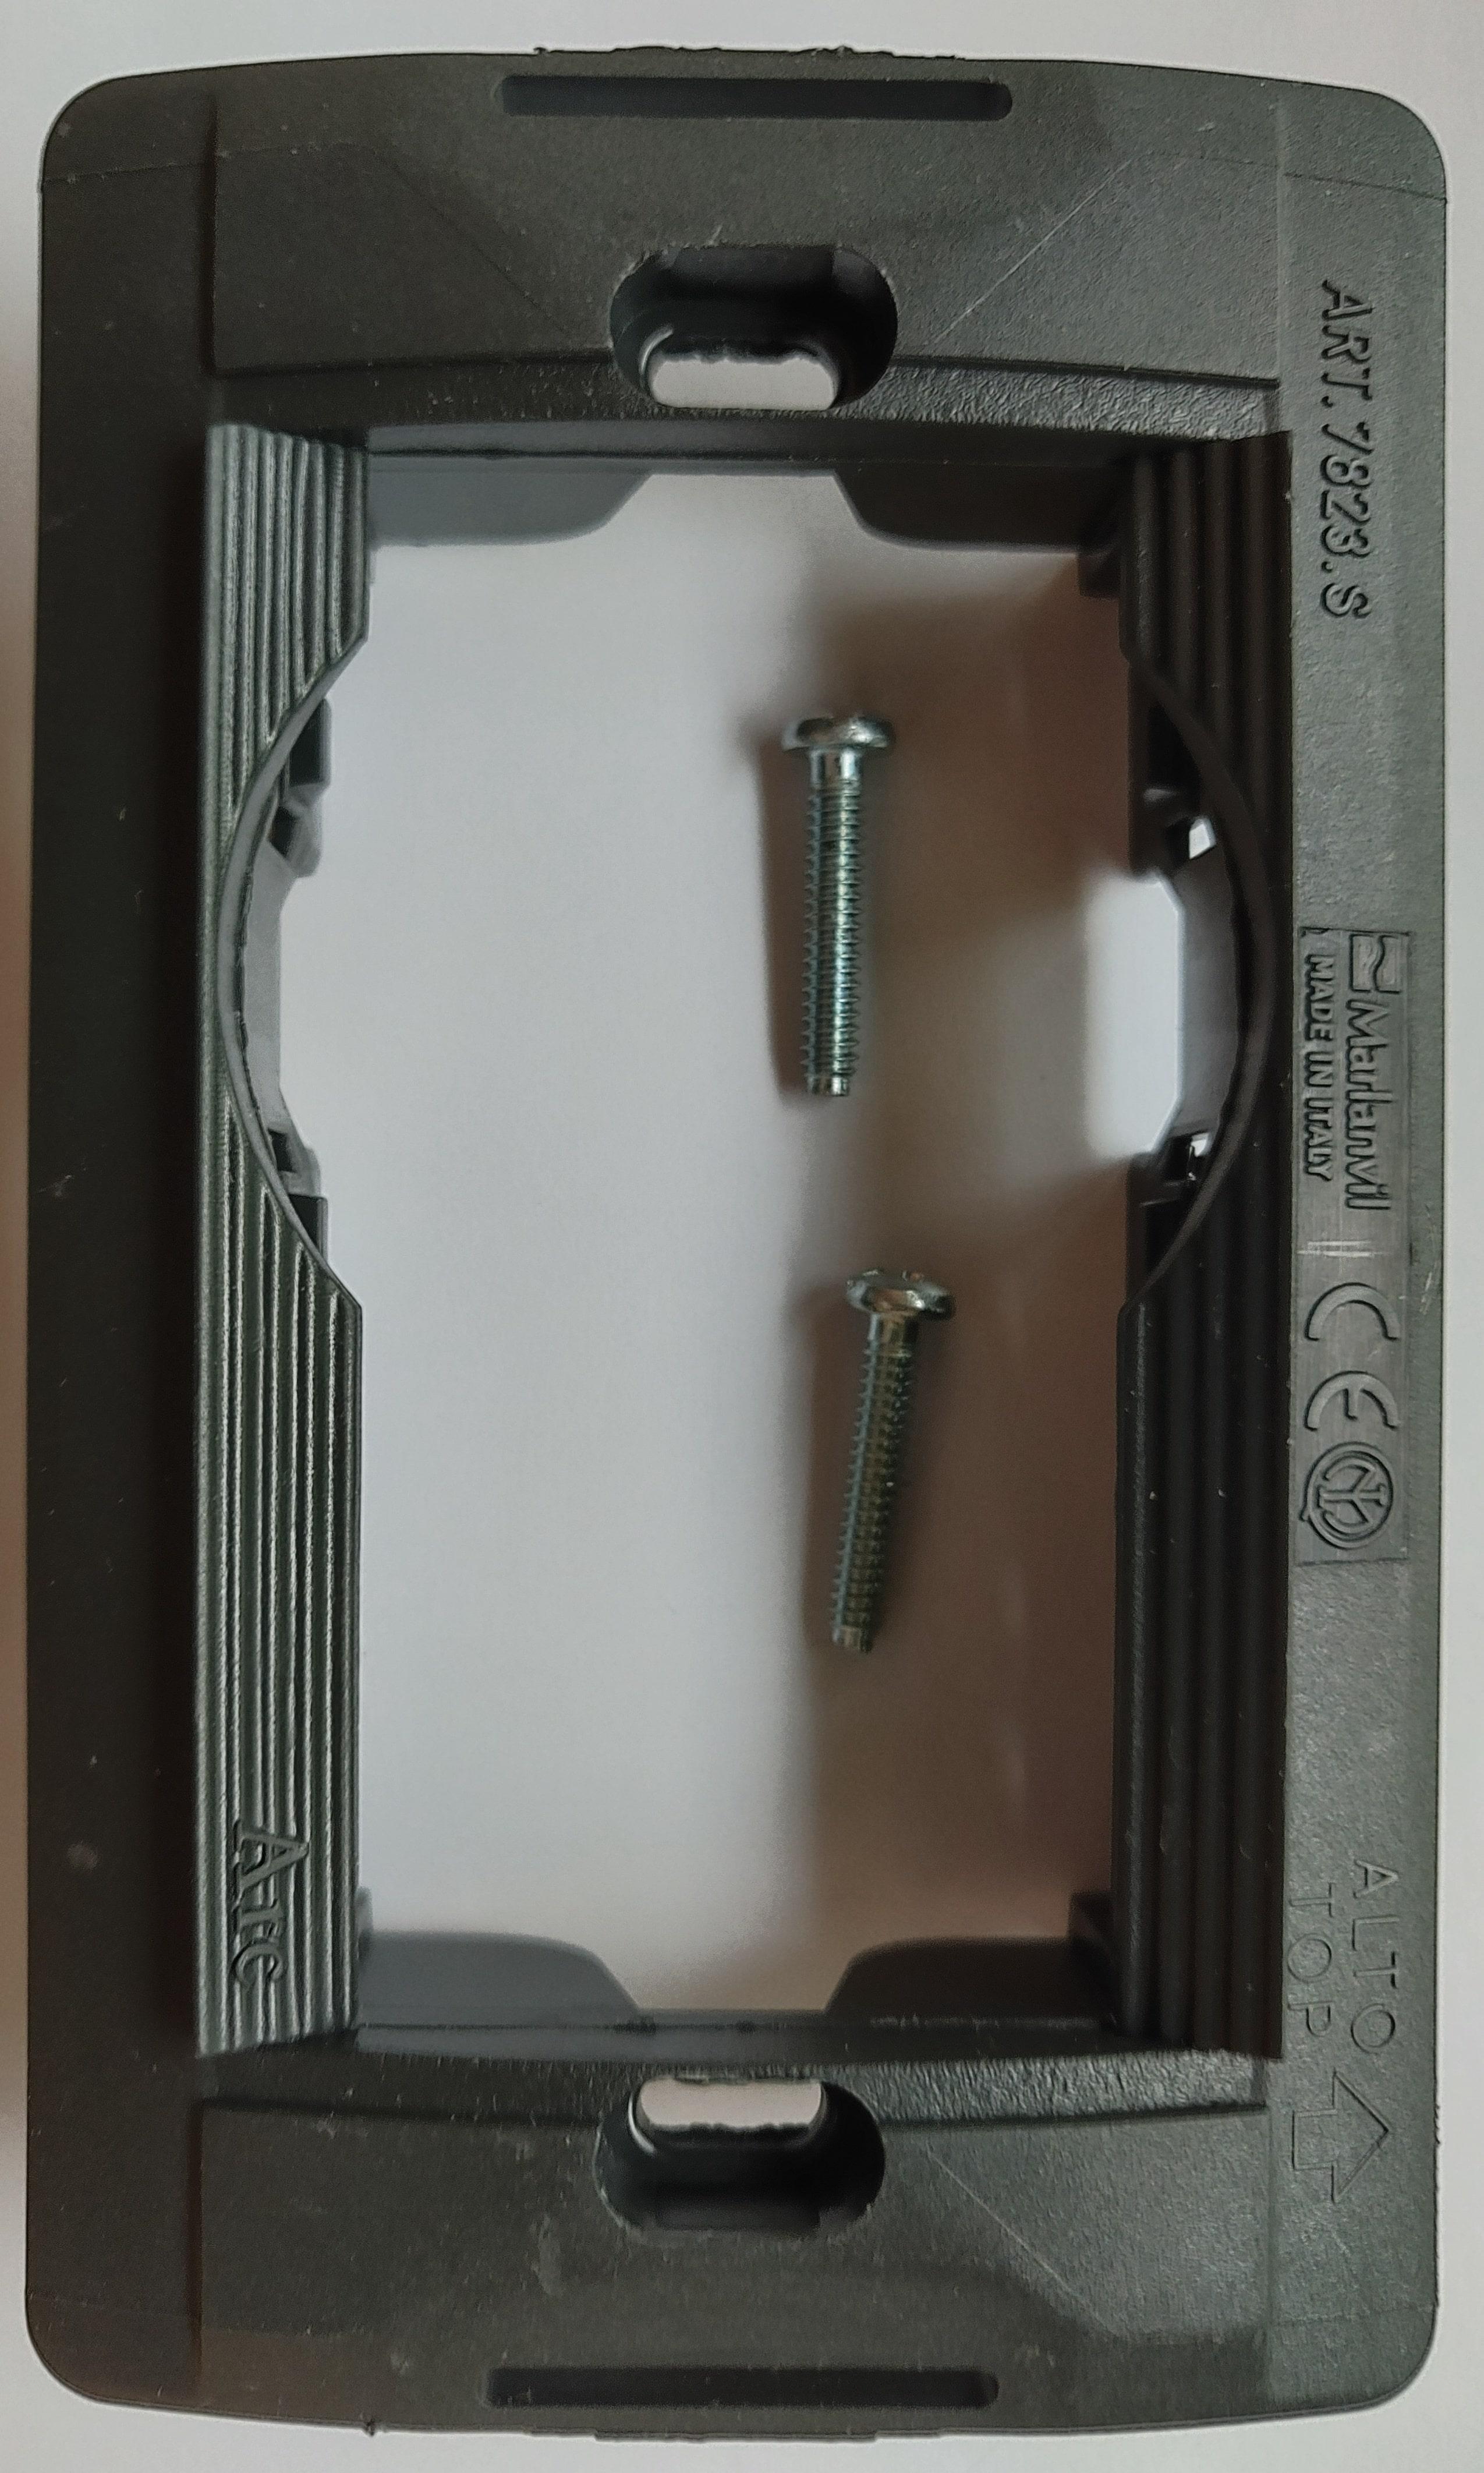 supporto prese tedesche schuko living classic vecchia serie marlanvil 7823.s